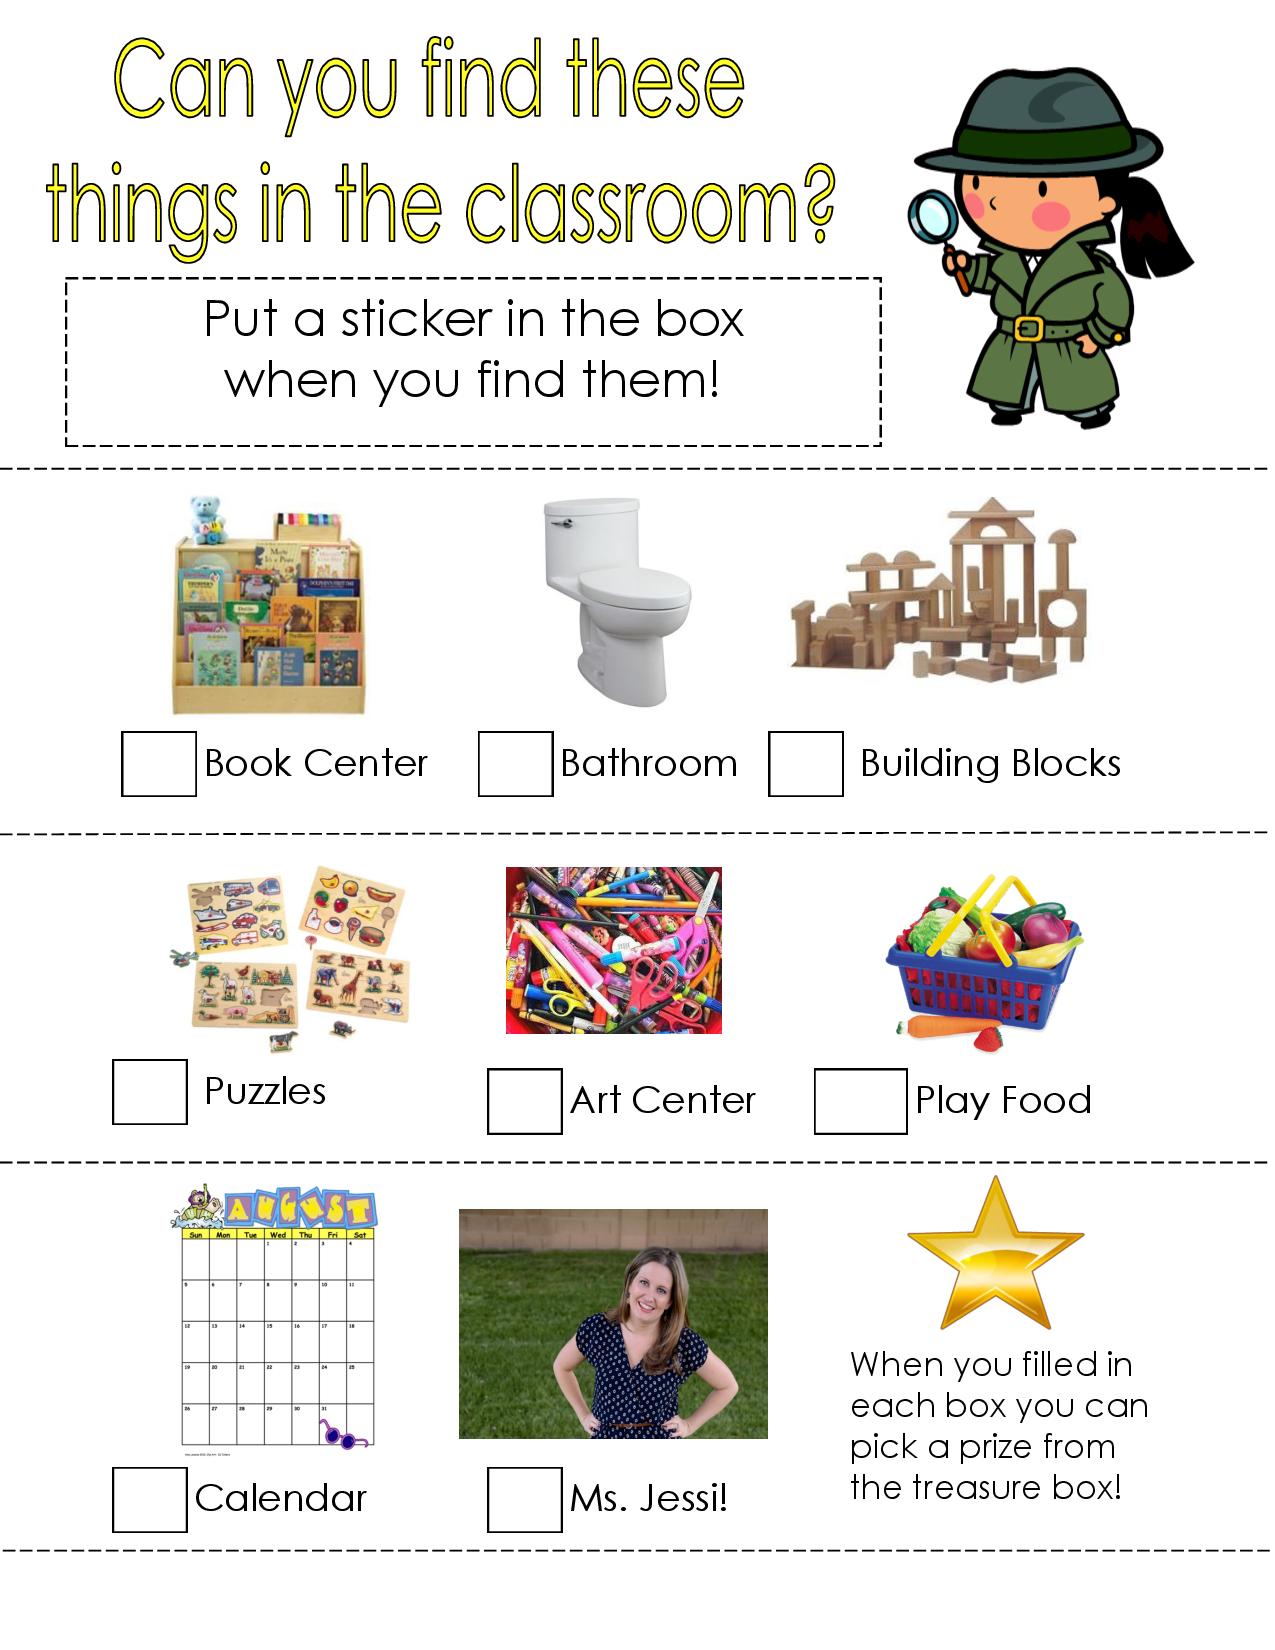 Rooms In The House Activities For Preschool